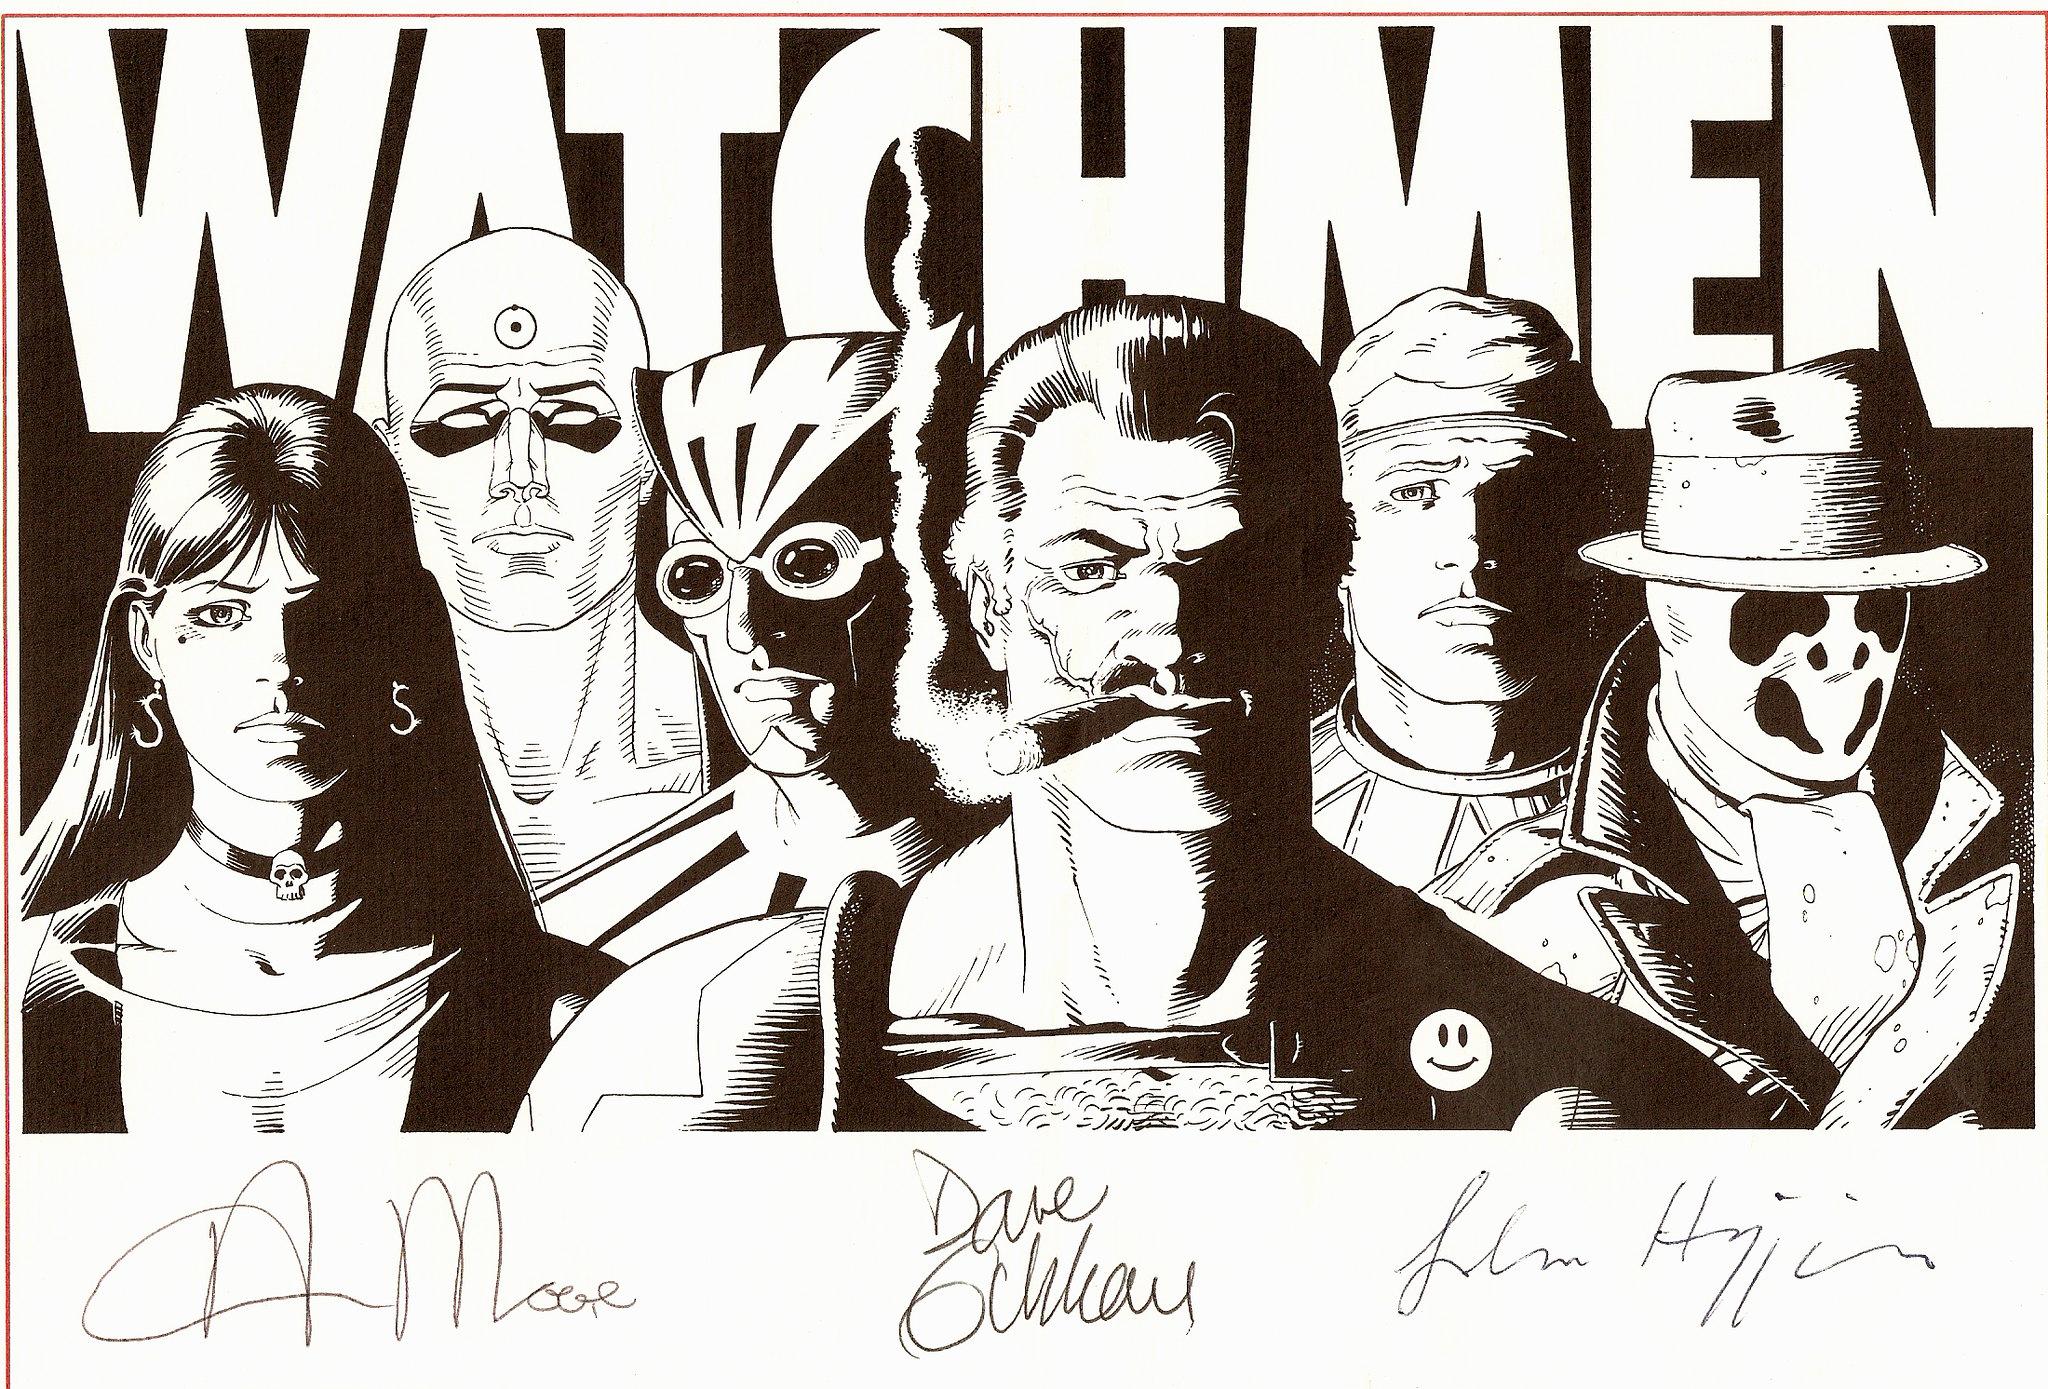 Copia firmata di un fumetto watchmen